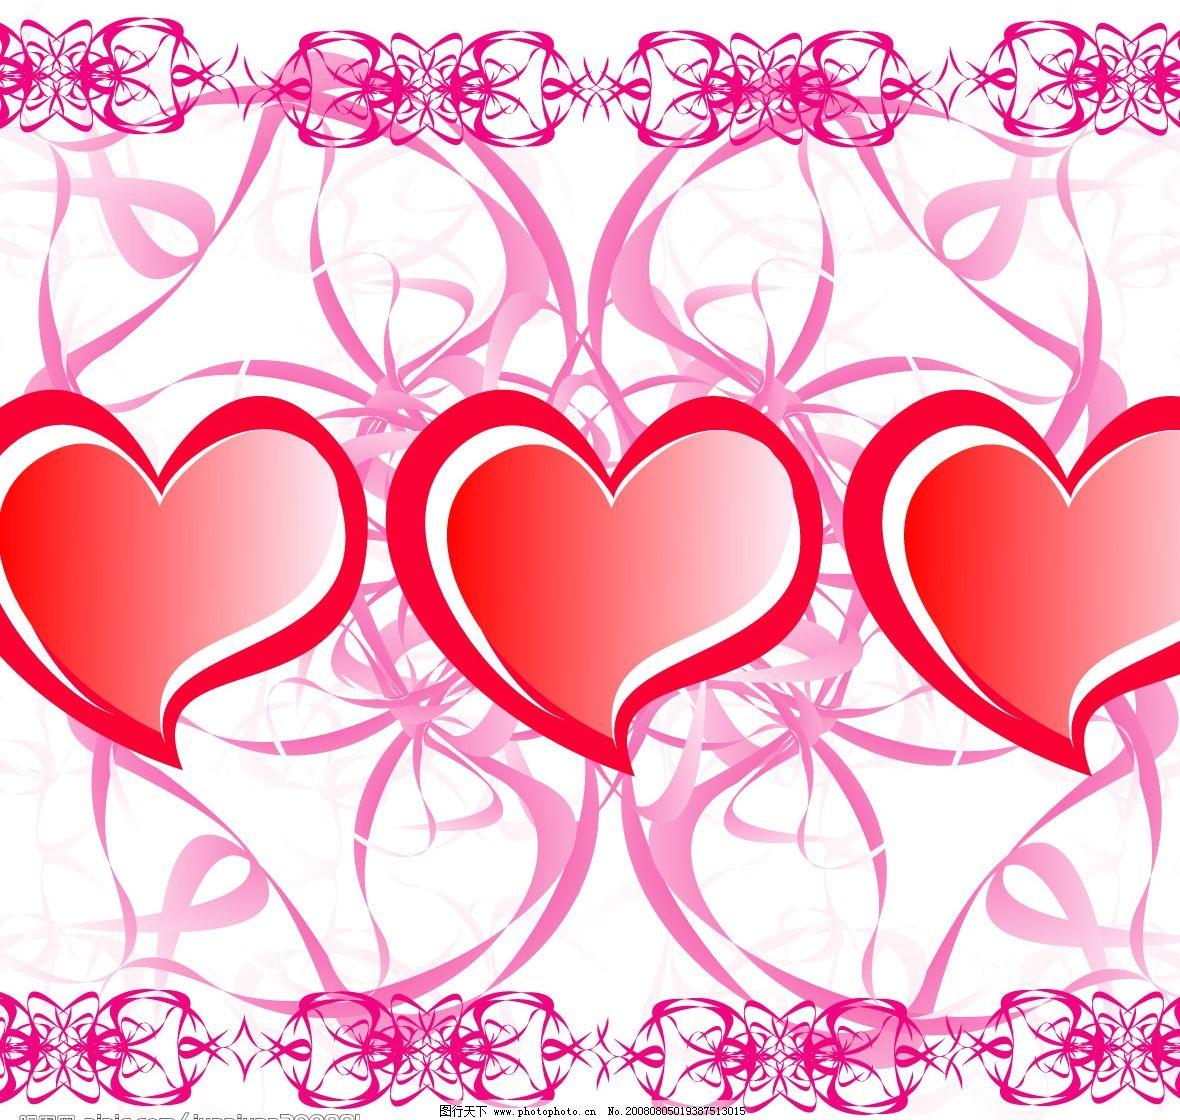 三颗心 节日素材 情人节 情人节矢量心形花纹 矢量图库 cdr